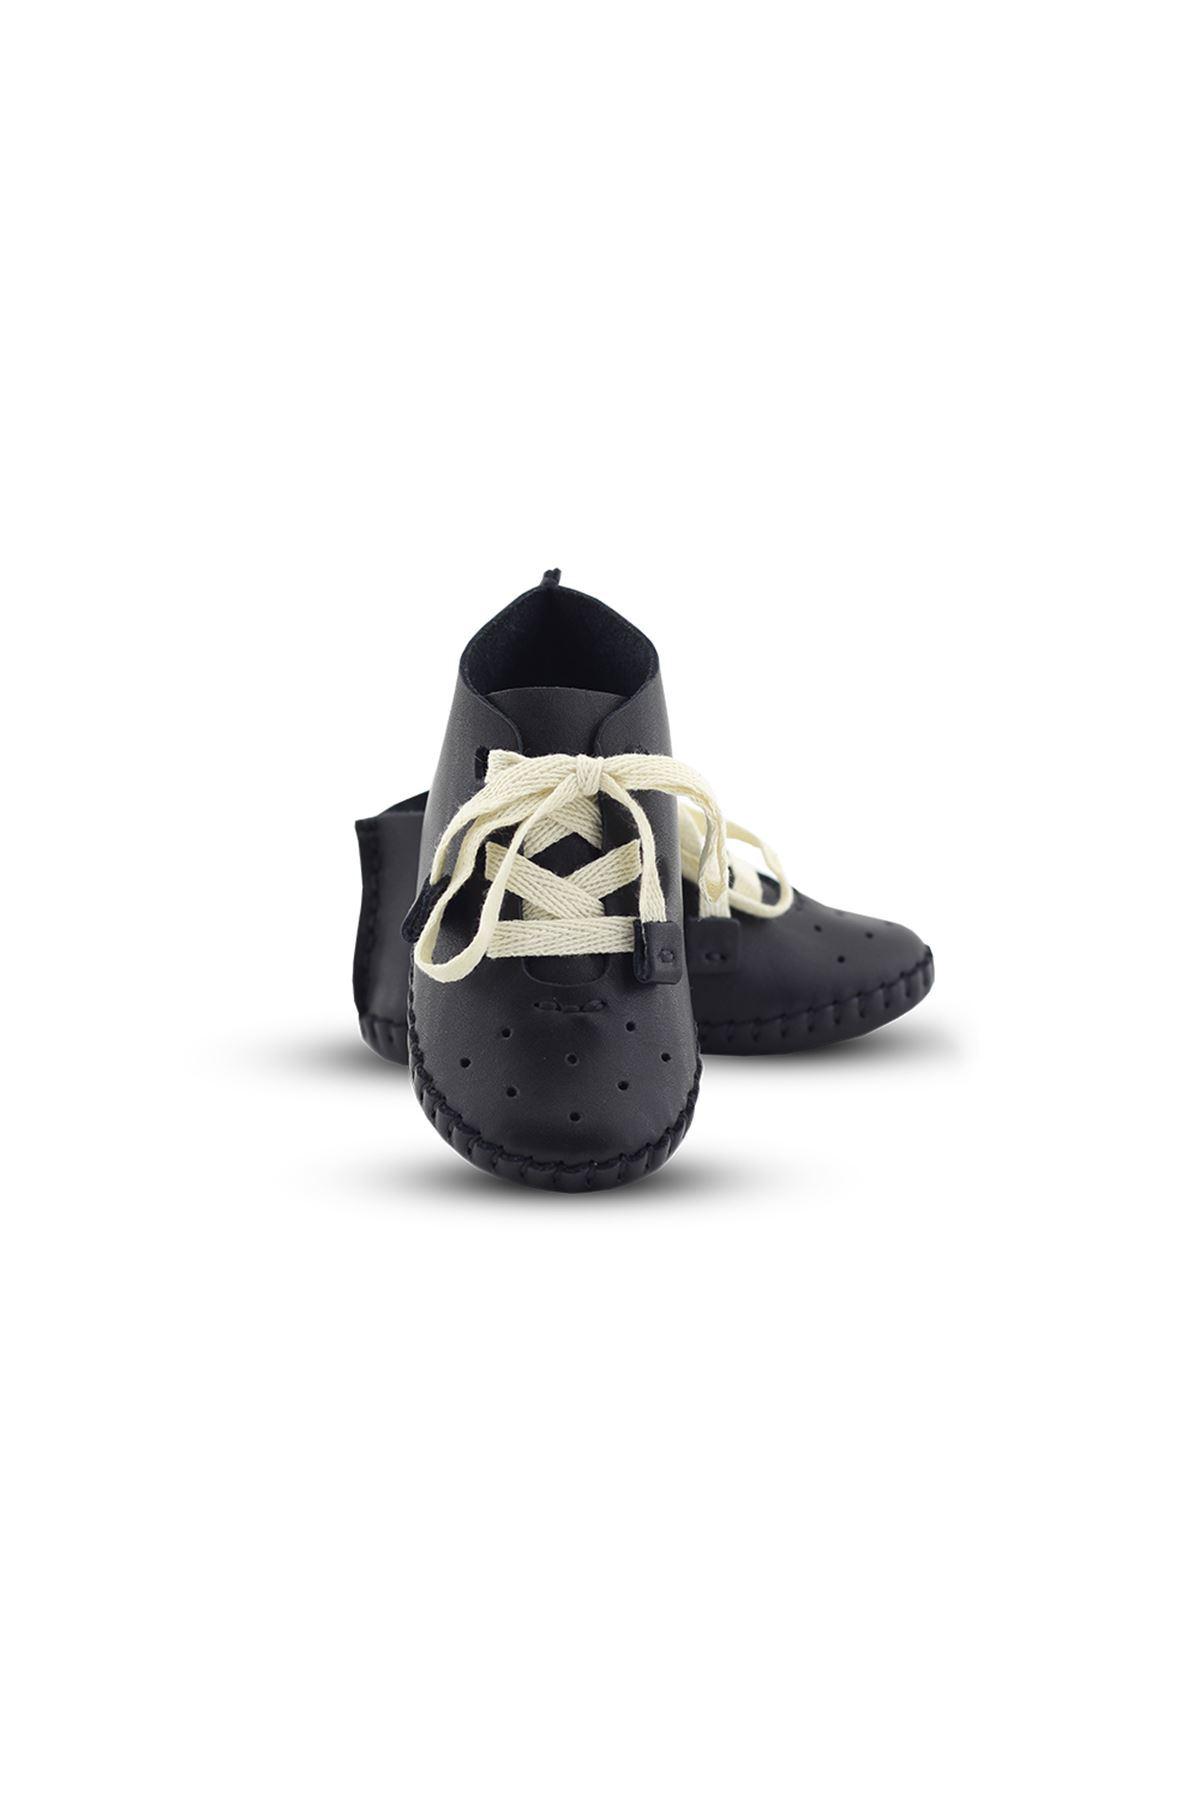 BB02 Siyah Hakiki Deri Unisex Bebek Patik İlk Adım Ev Ayakkabısı